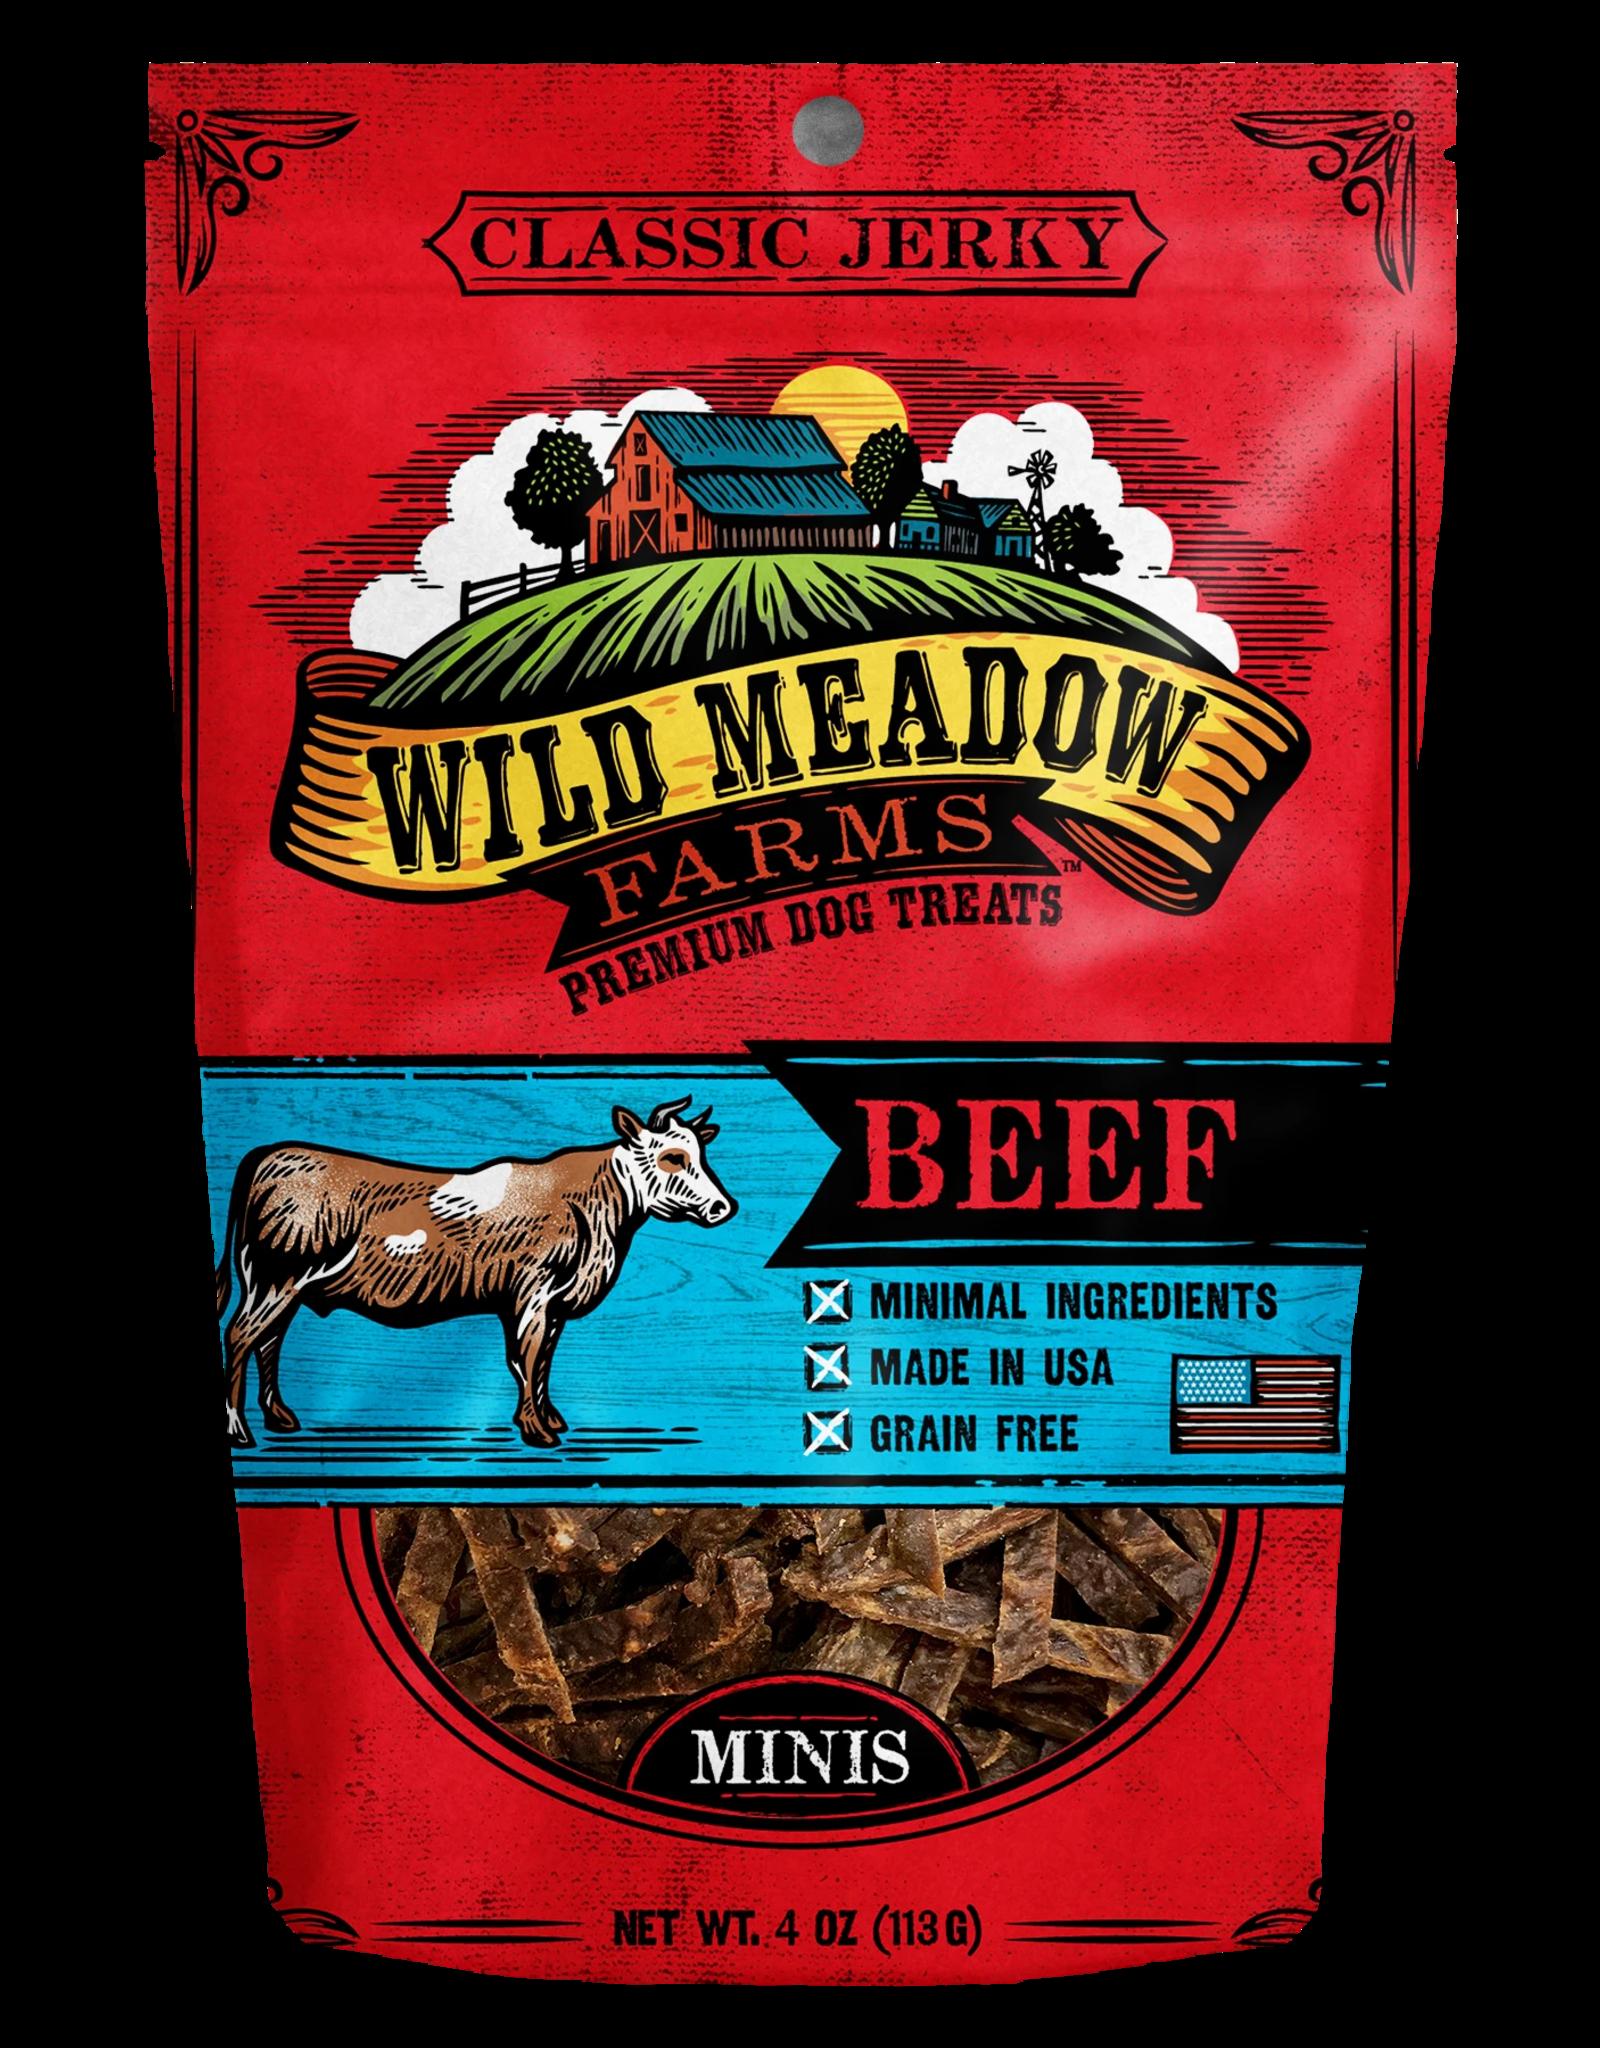 Wild Meadow Farms WILD MEADOW FARMS CLASSIC JERKY BEEF MINIS 4OZ